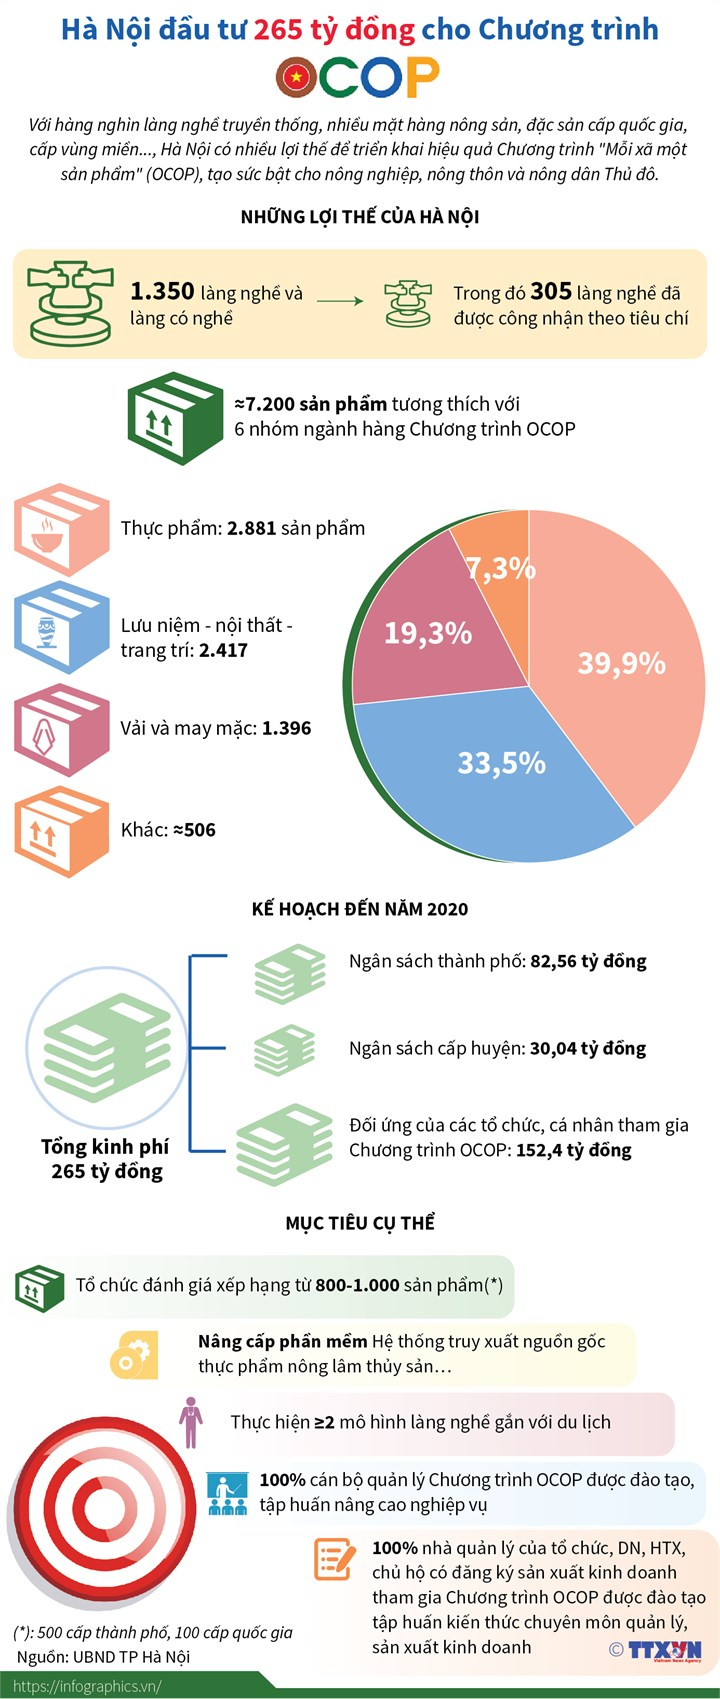 [Infographic] Hà Nội đầu tư 265 tỷ đồng cho Chương trình OCOP - Ảnh 1